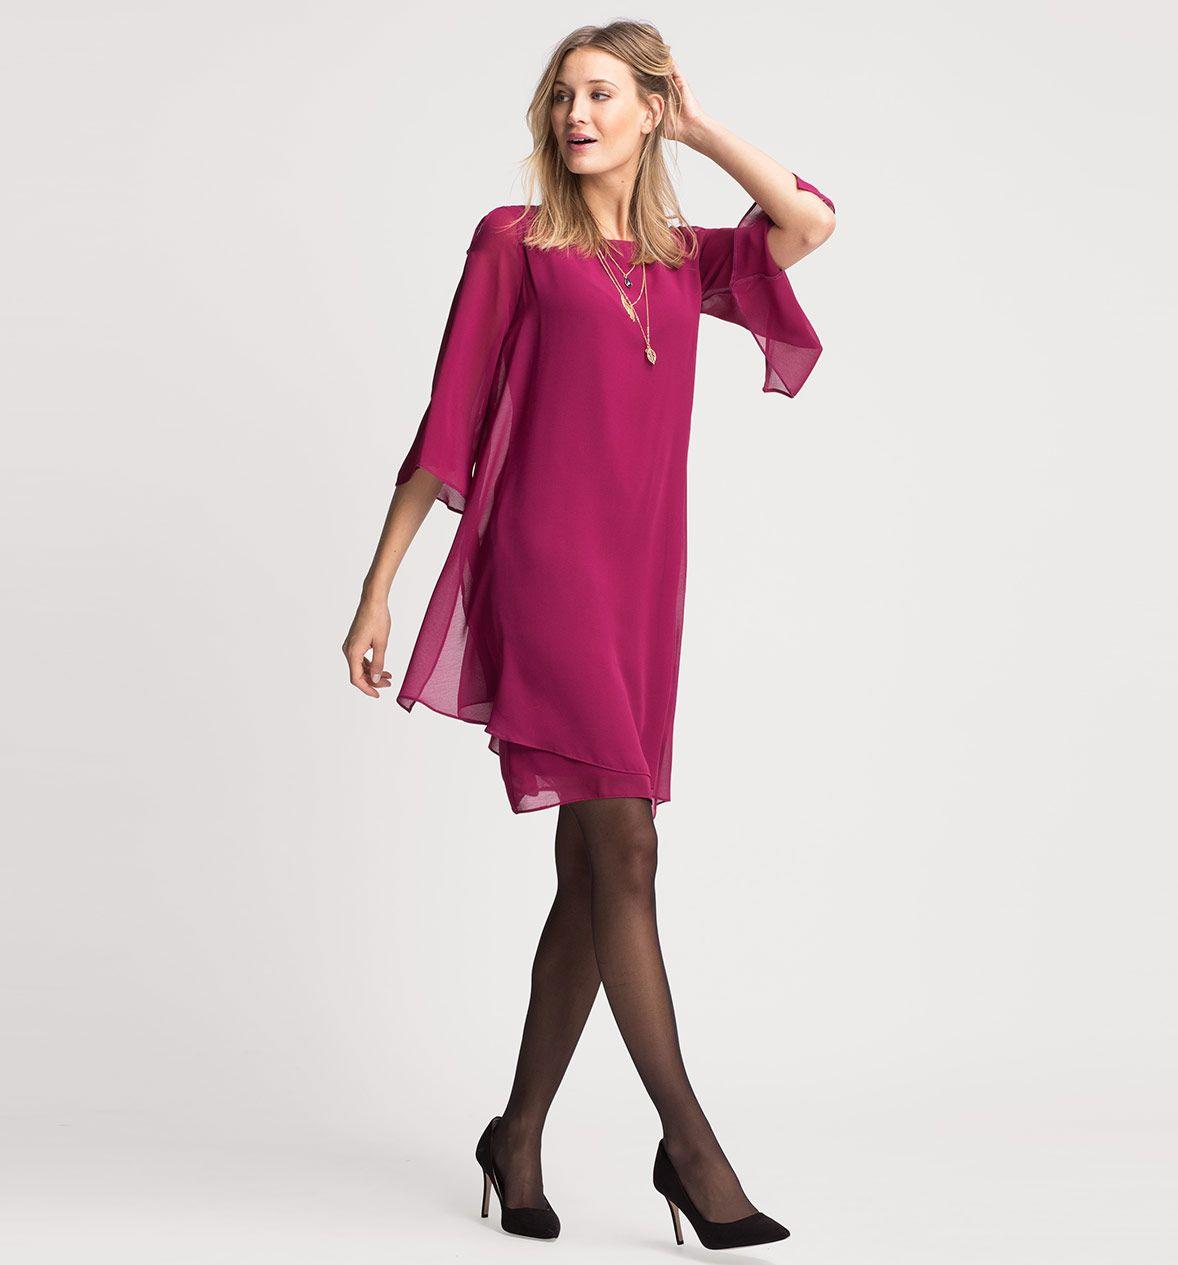 Damen Alle Kleider  Jumpsuits Günstig  Kleider